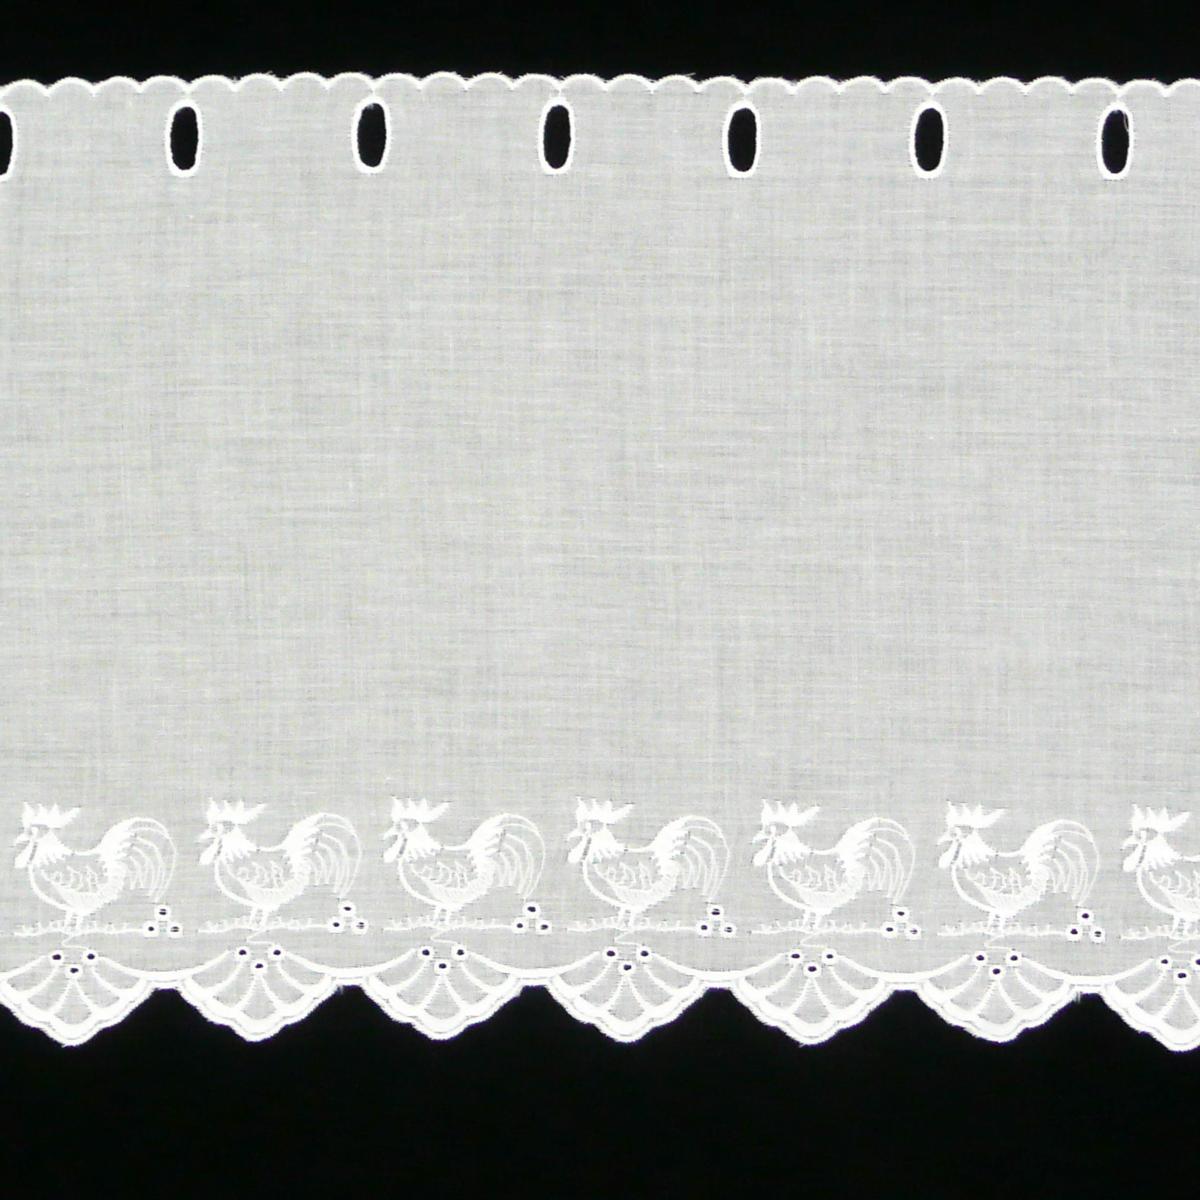 Scheibengardine Baumwolle Scheibengardine Baumwolle And: Scheibengardine Batist Mit Stickerei Hühner Weiß 27cm Hoch